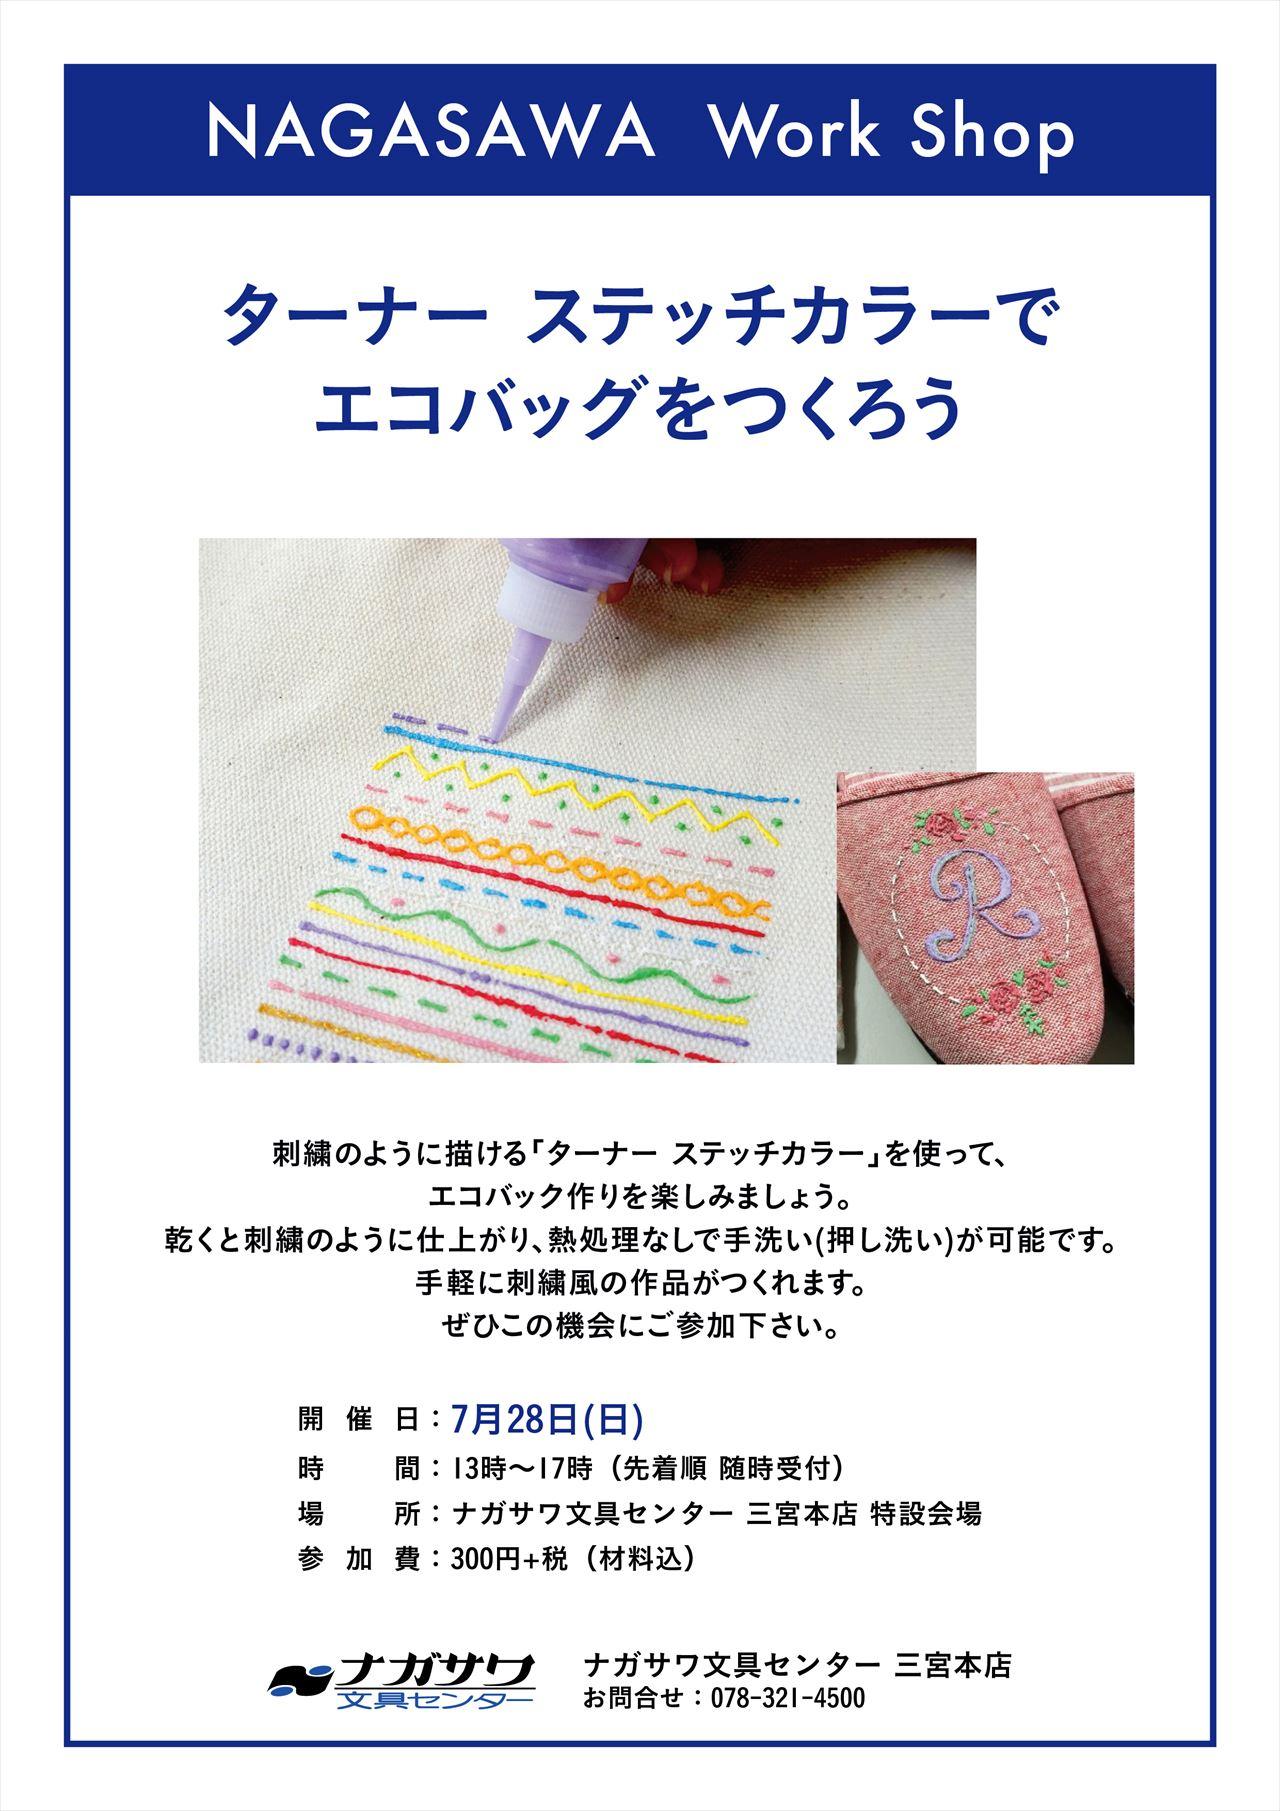 【本店】刺繍のように描ける ターナー『ステッチカラー』をつかってエコバッグを作ろう!